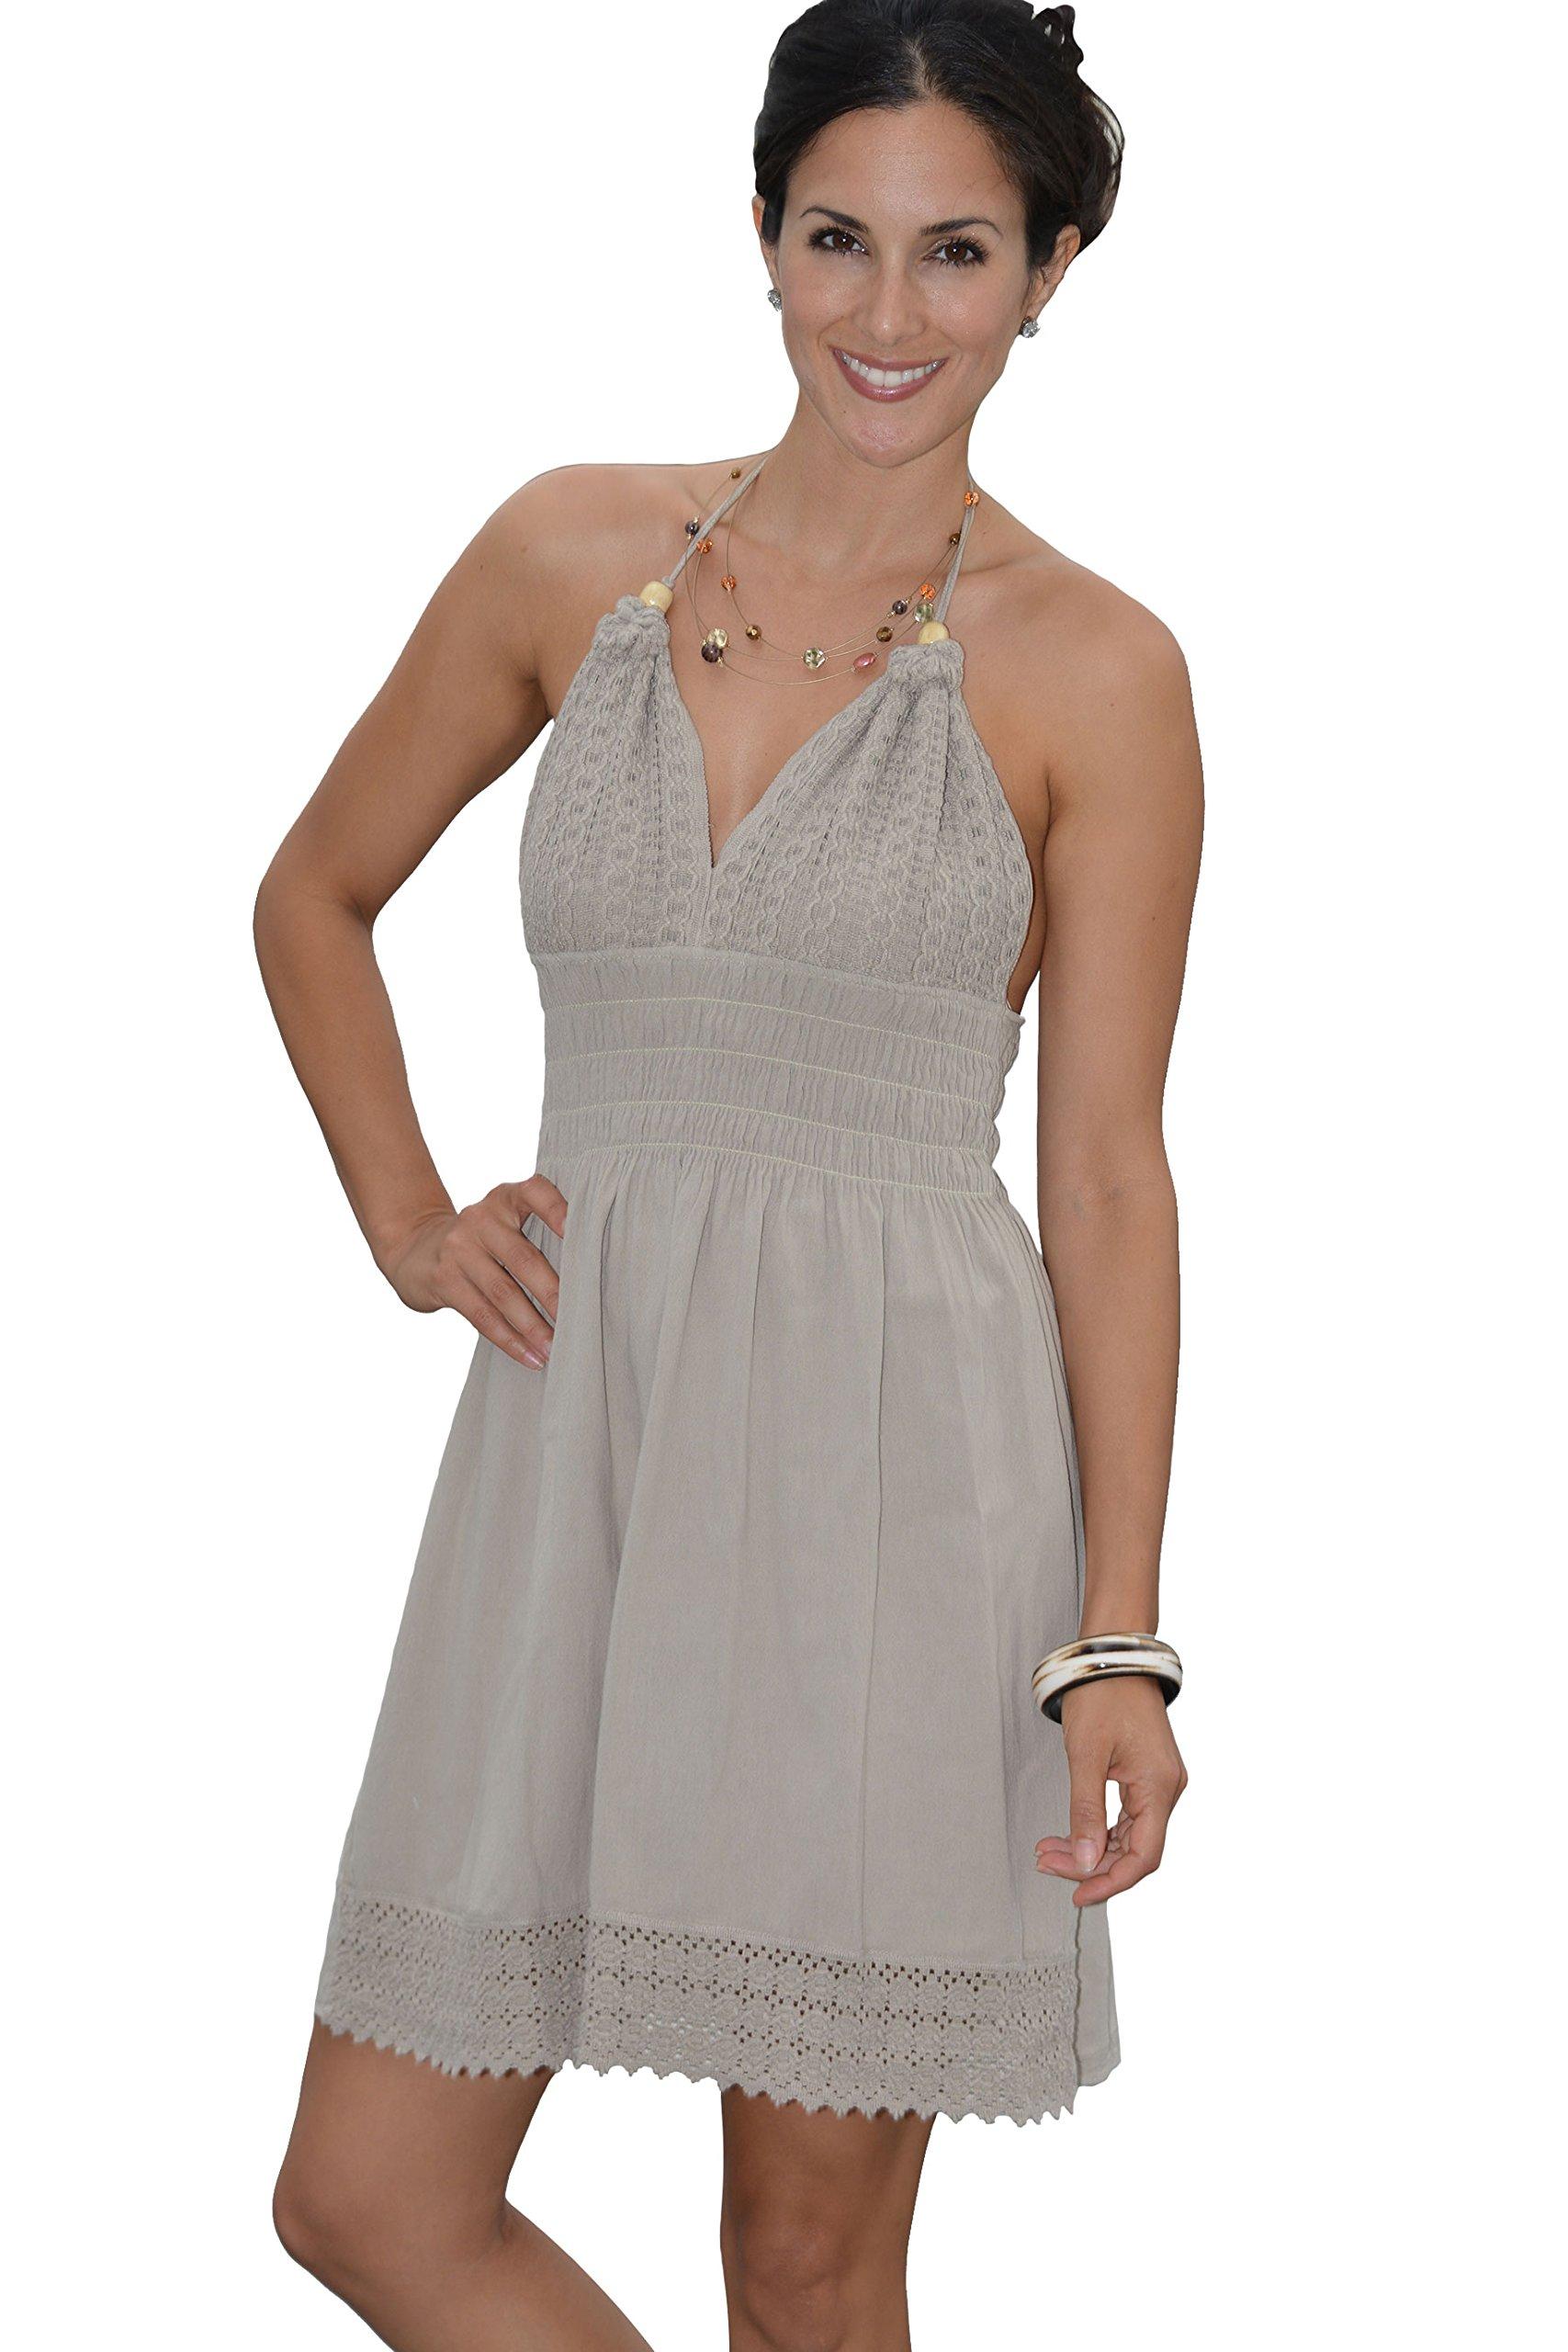 COTTON ORGANIC Women's Beach Crochet Backless Bohemian Halter Maxi Short Dress (Beige, Medium)